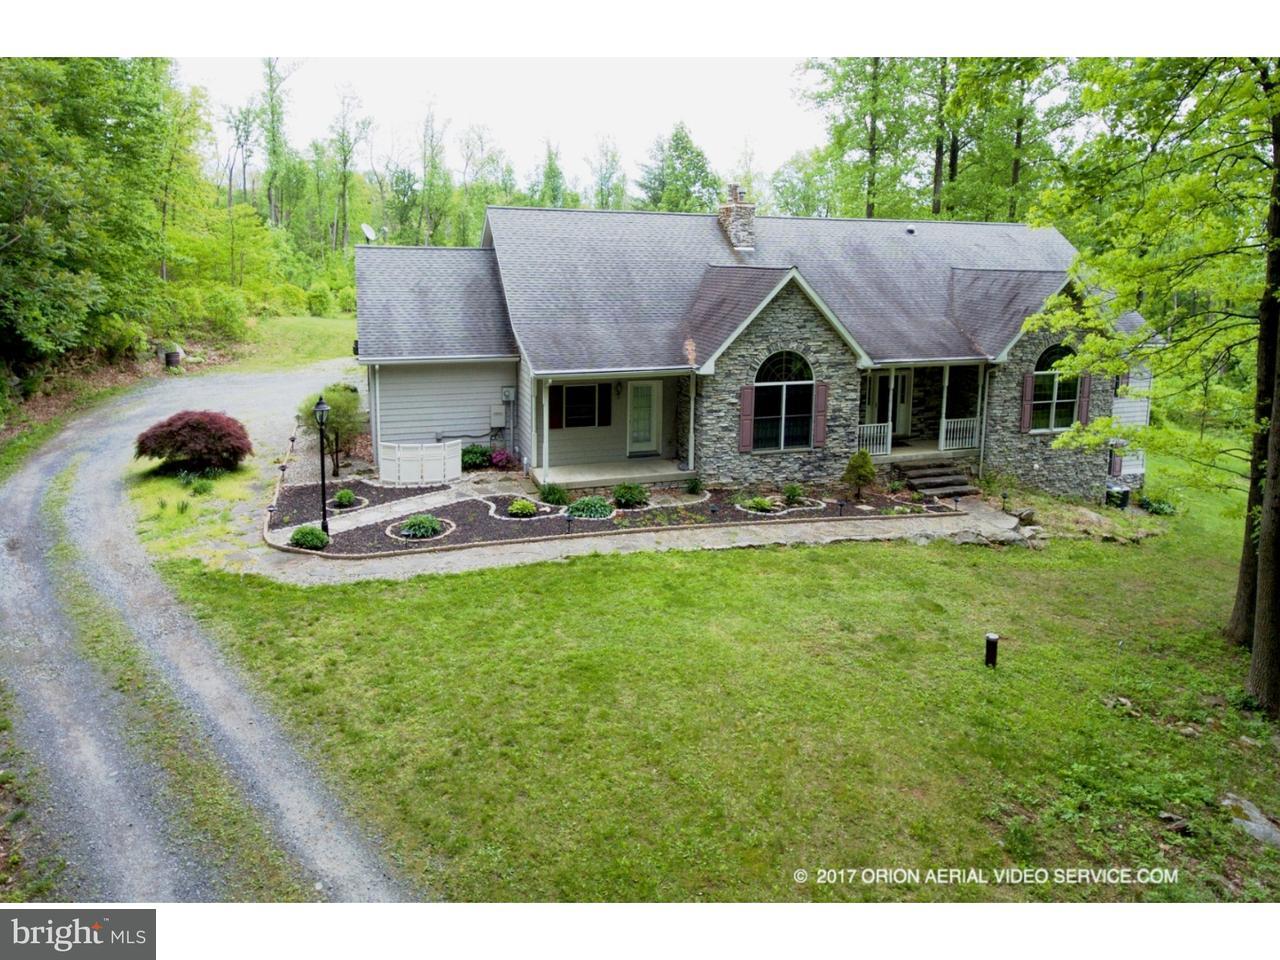 独户住宅 为 销售 在 15 FOX HOLLOW Drive Macungie, 宾夕法尼亚州 18062 美国